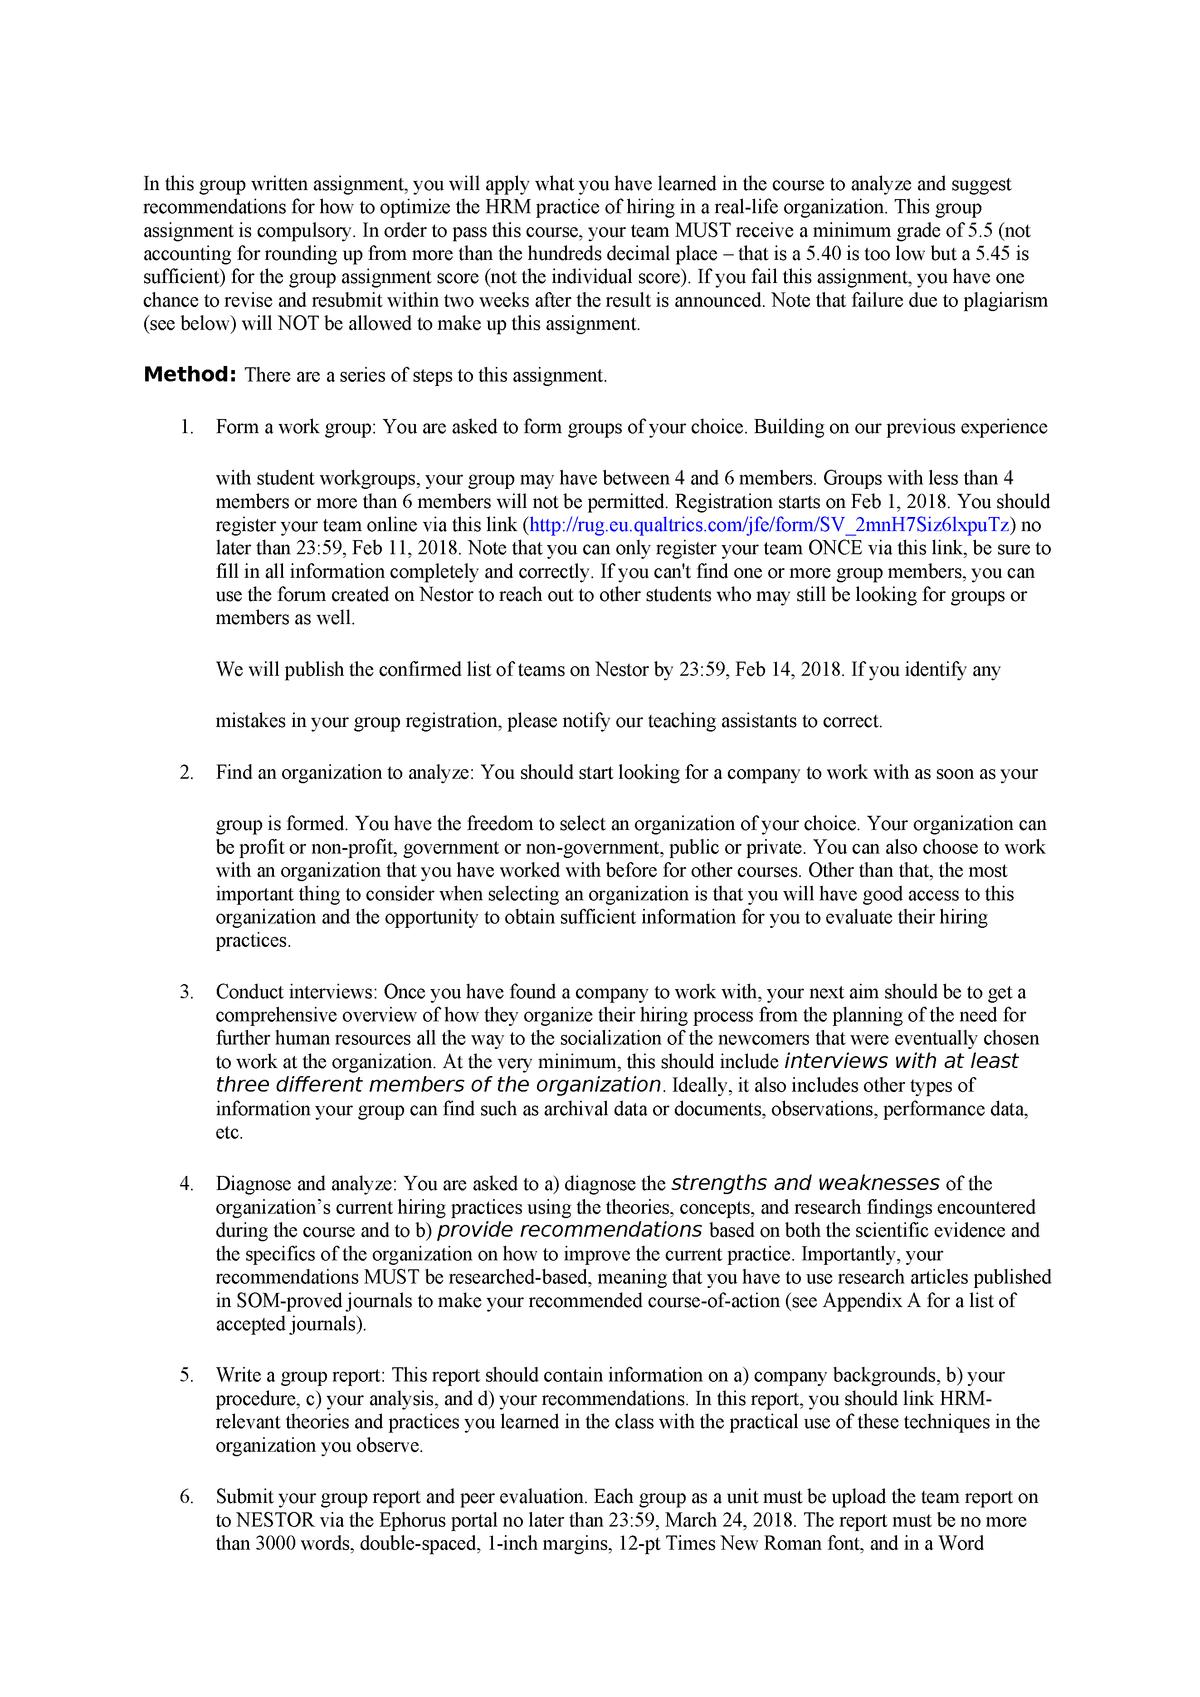 HRM group written assignment - EBB065A05: Human Resource Management